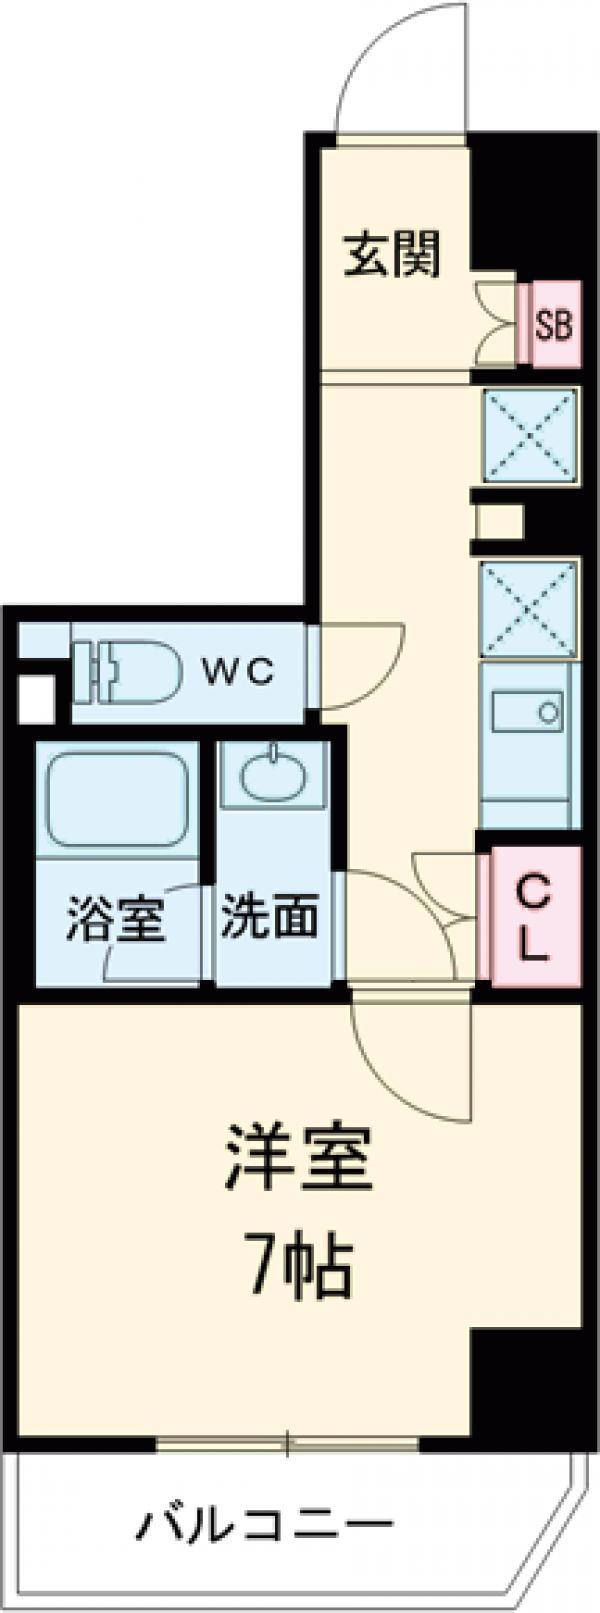 レオーネ高島平・805号室の間取り